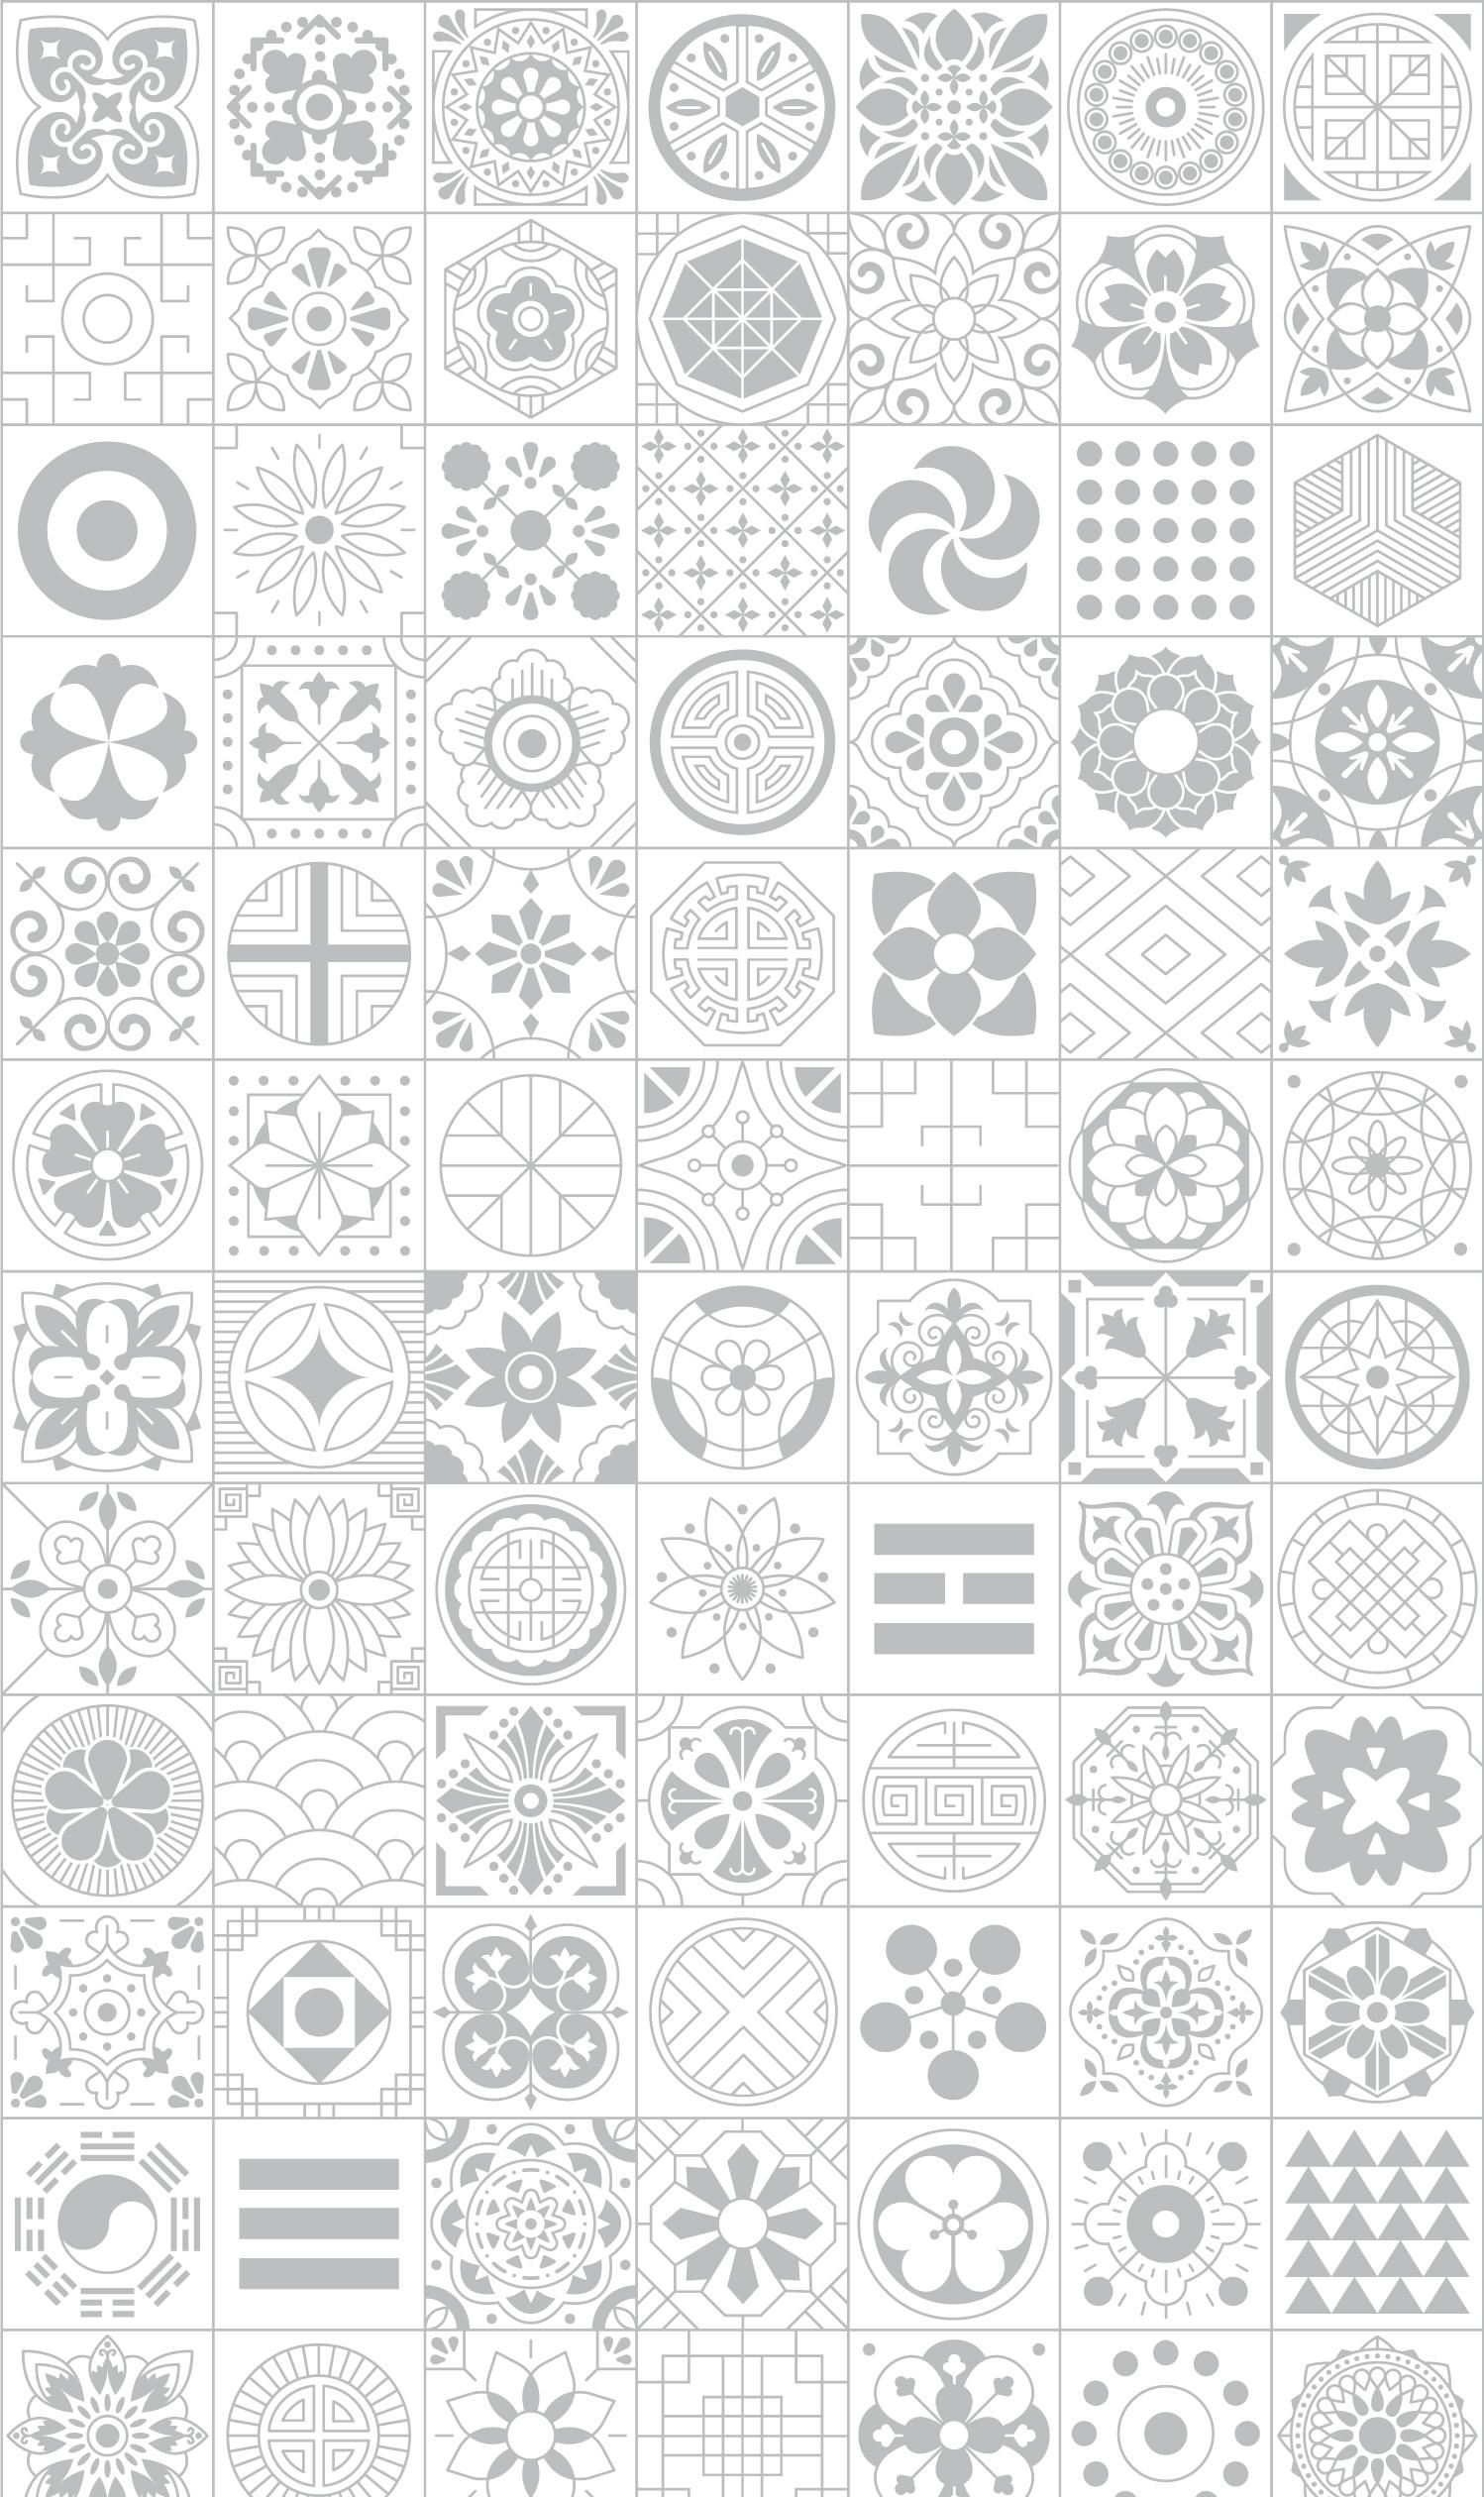 Target_KTown_Wallpaper_Columns2.jpg